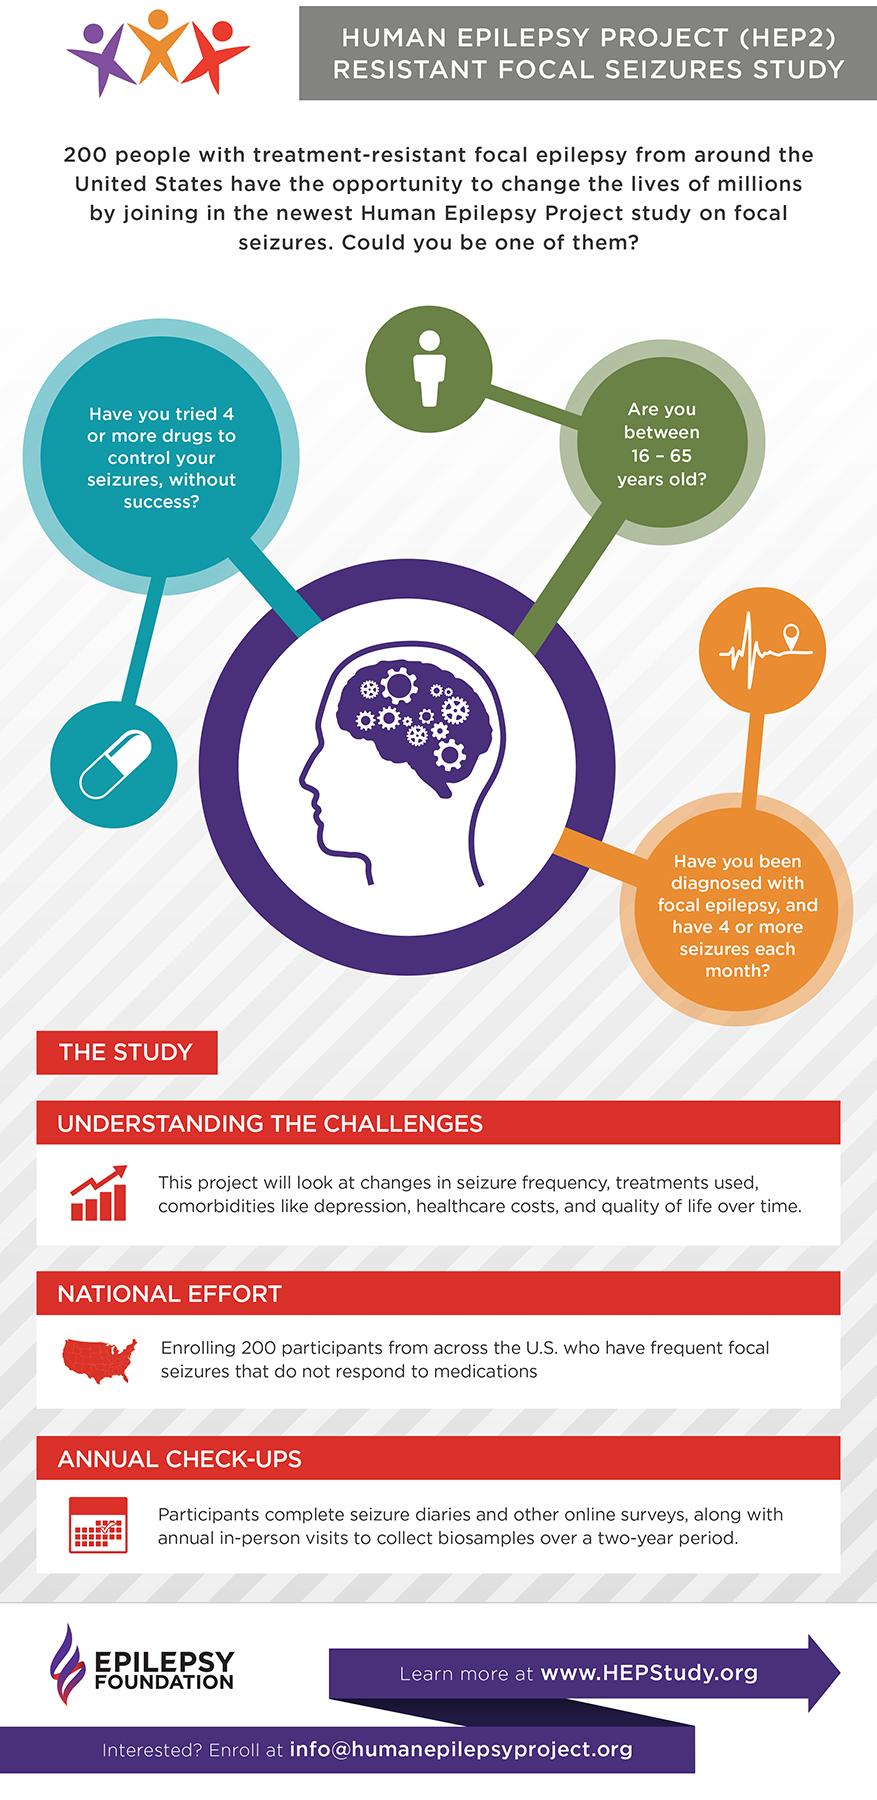 HEP2_infographic